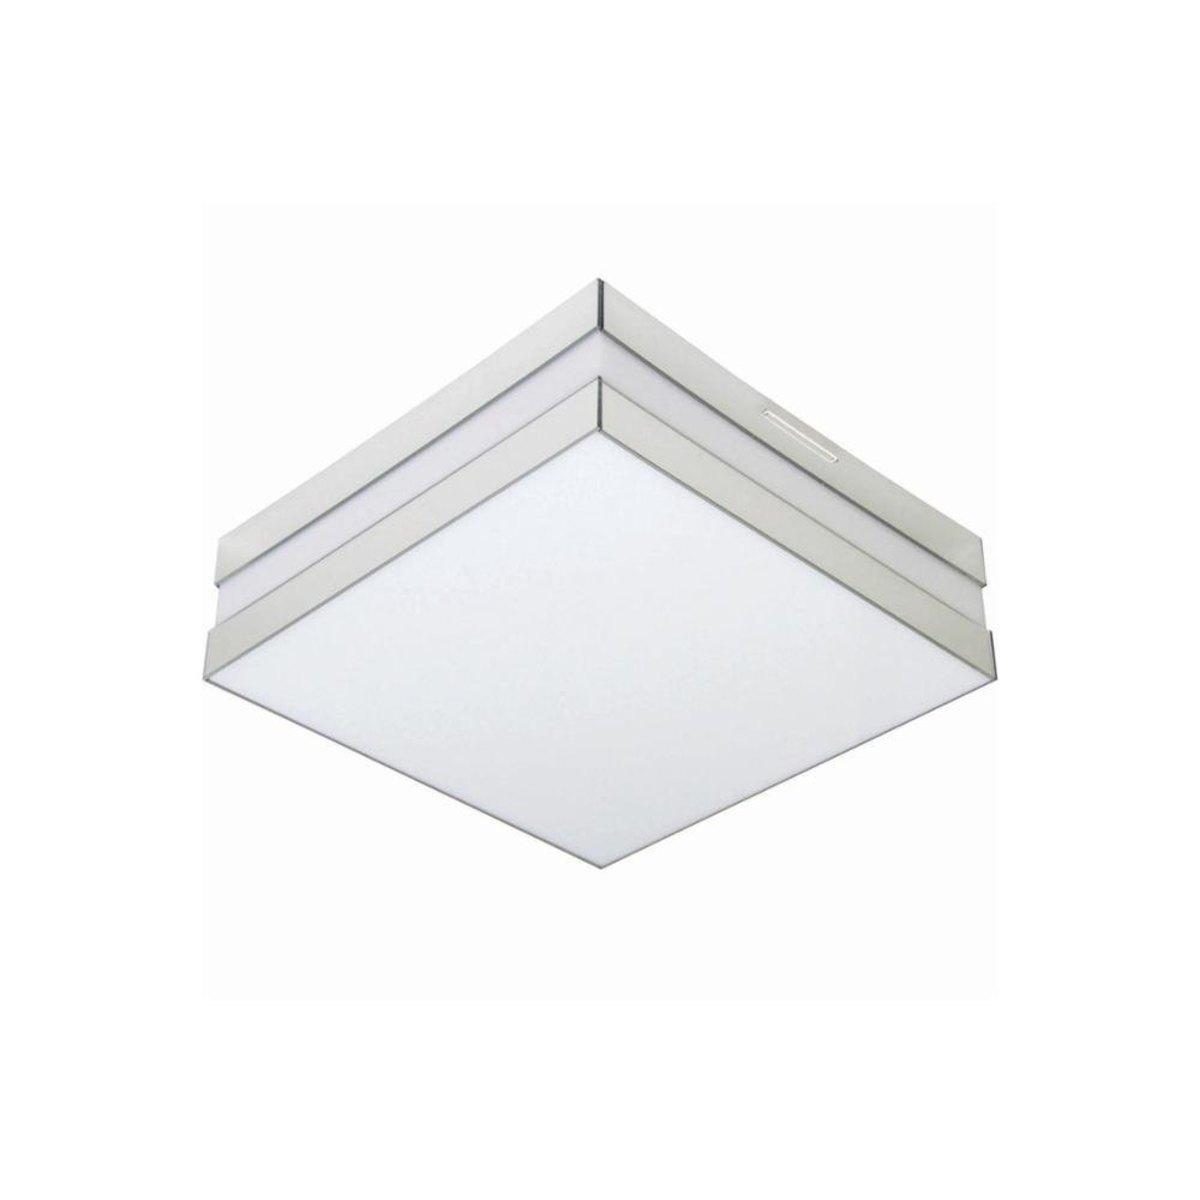 Luminária LED 16W 6500k Sobrepor Bilbao 26x26 Tualux